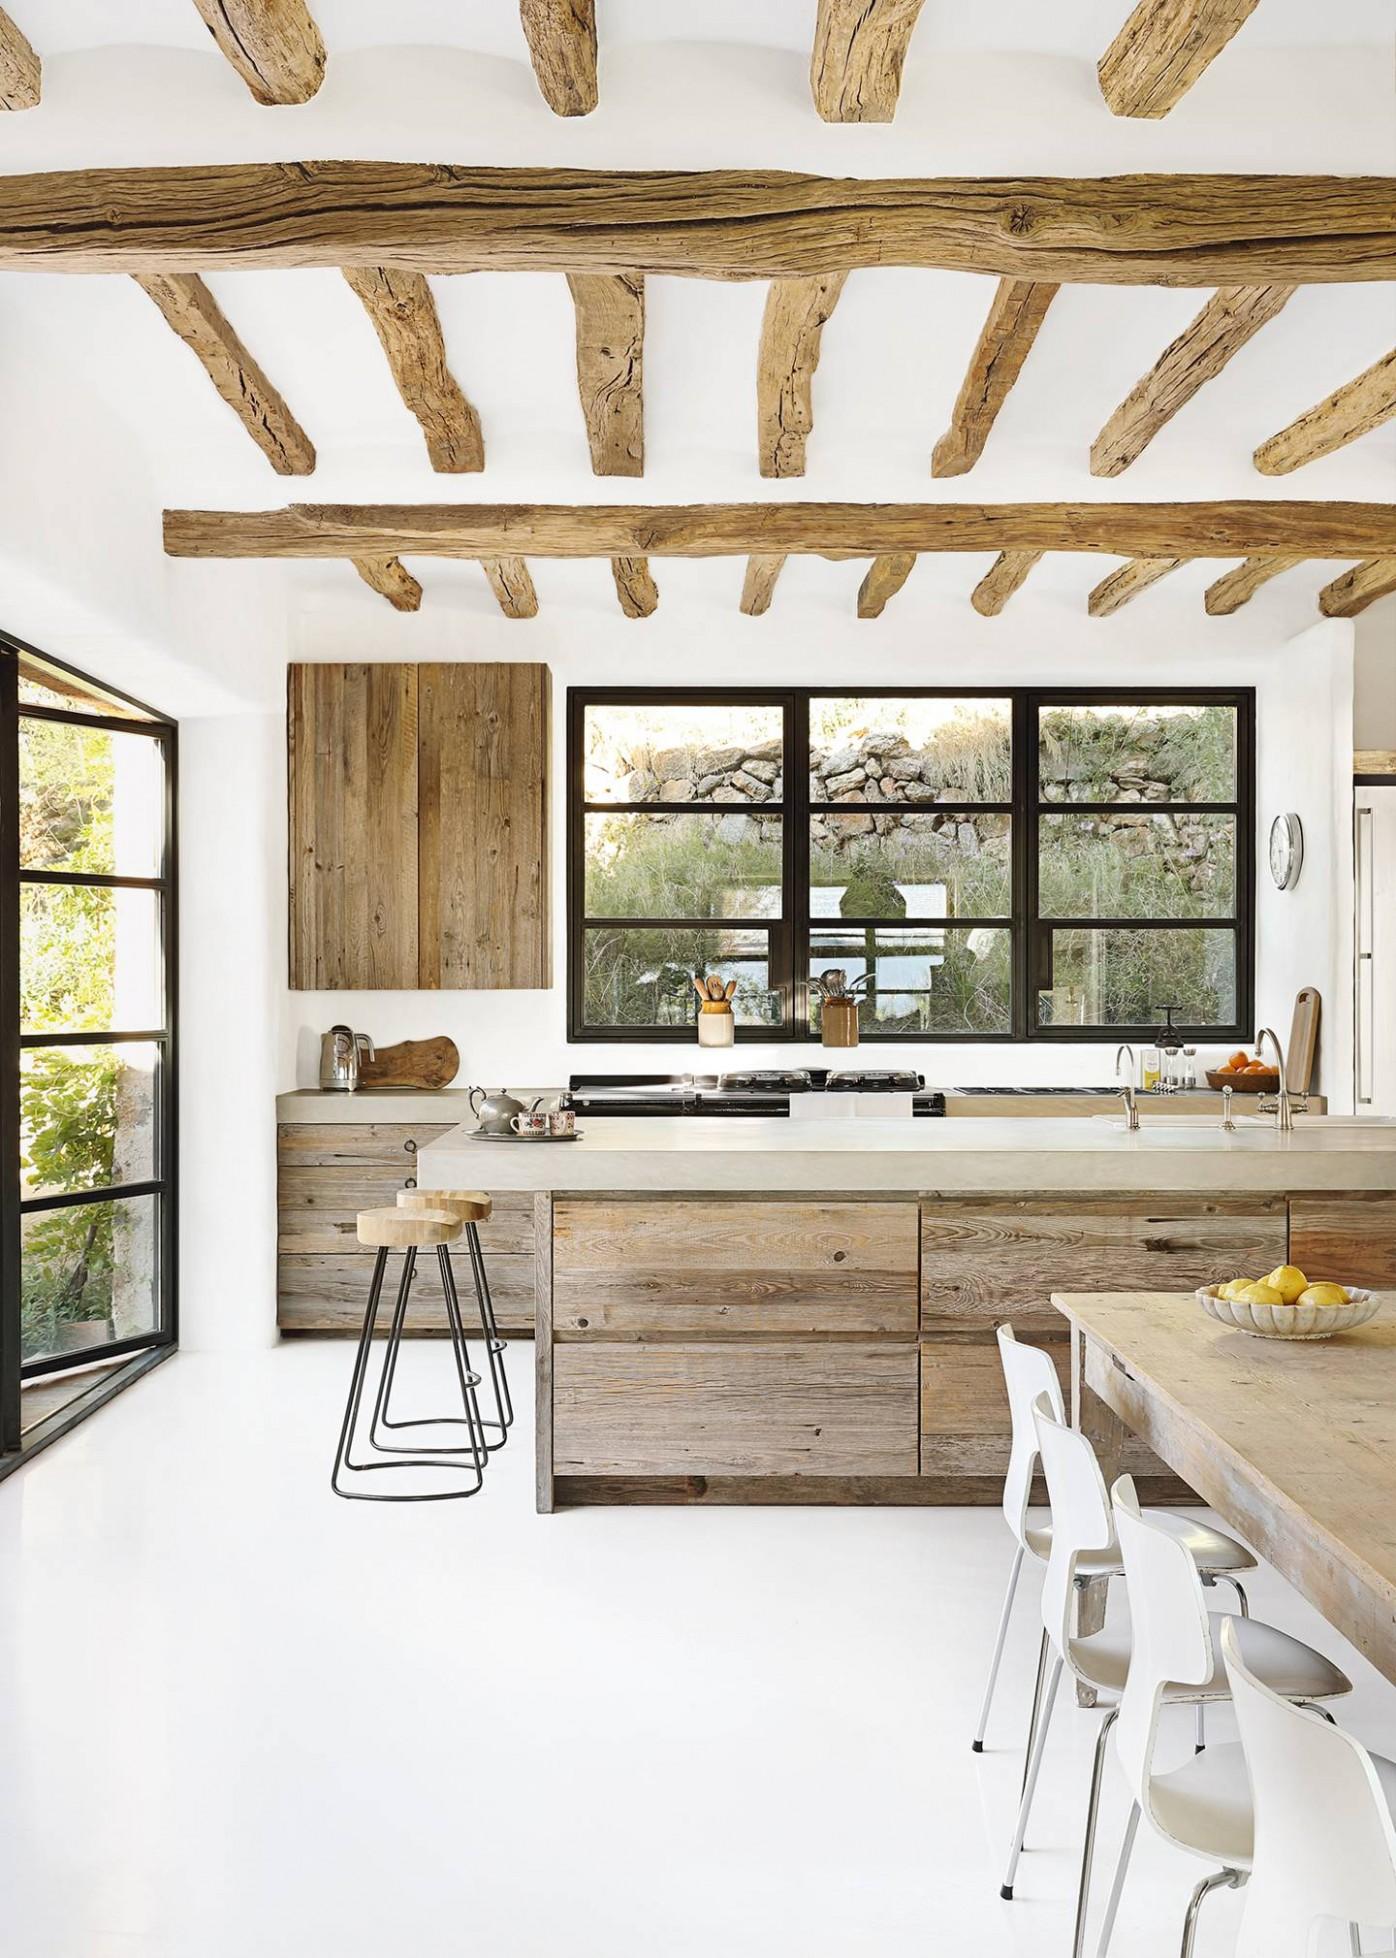 12 kitchen dining room ideas  House & Garden - Kitchen Dining Room Ideas Uk